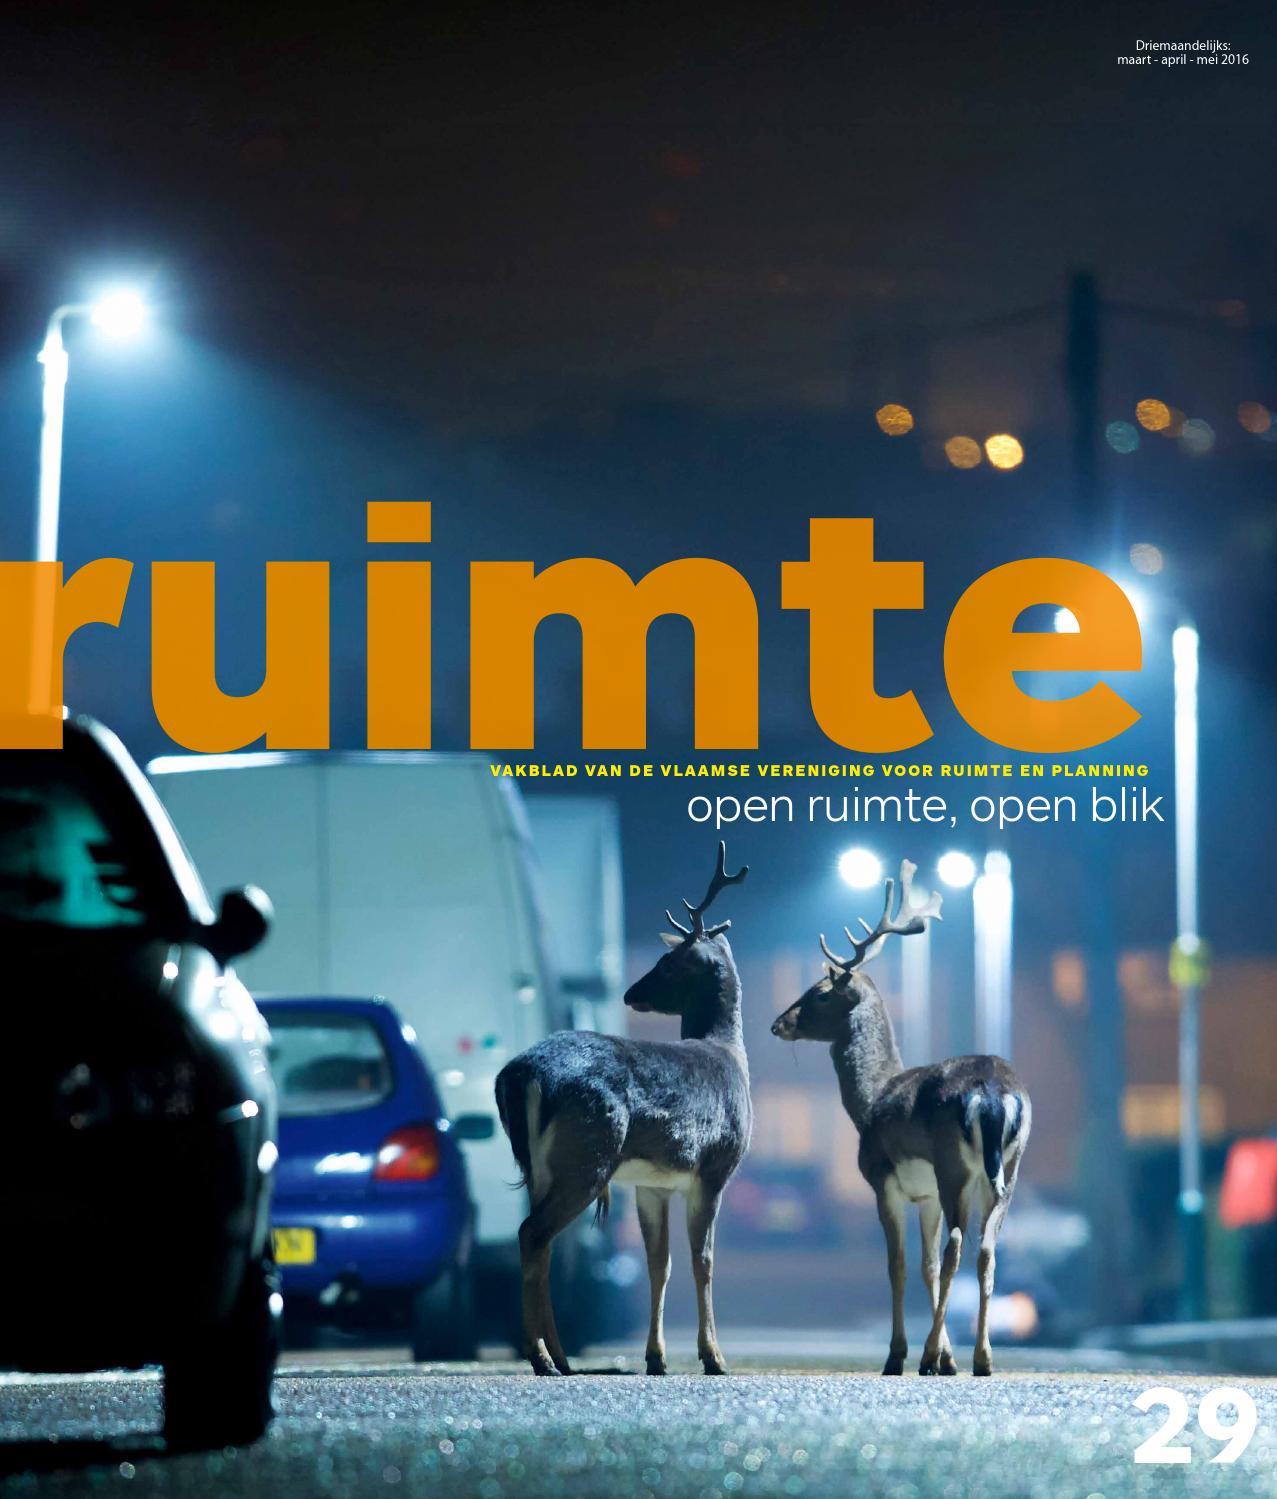 Ruimte#25 by Vlaamse Vereniging voor Ruimte en Planning - issuu